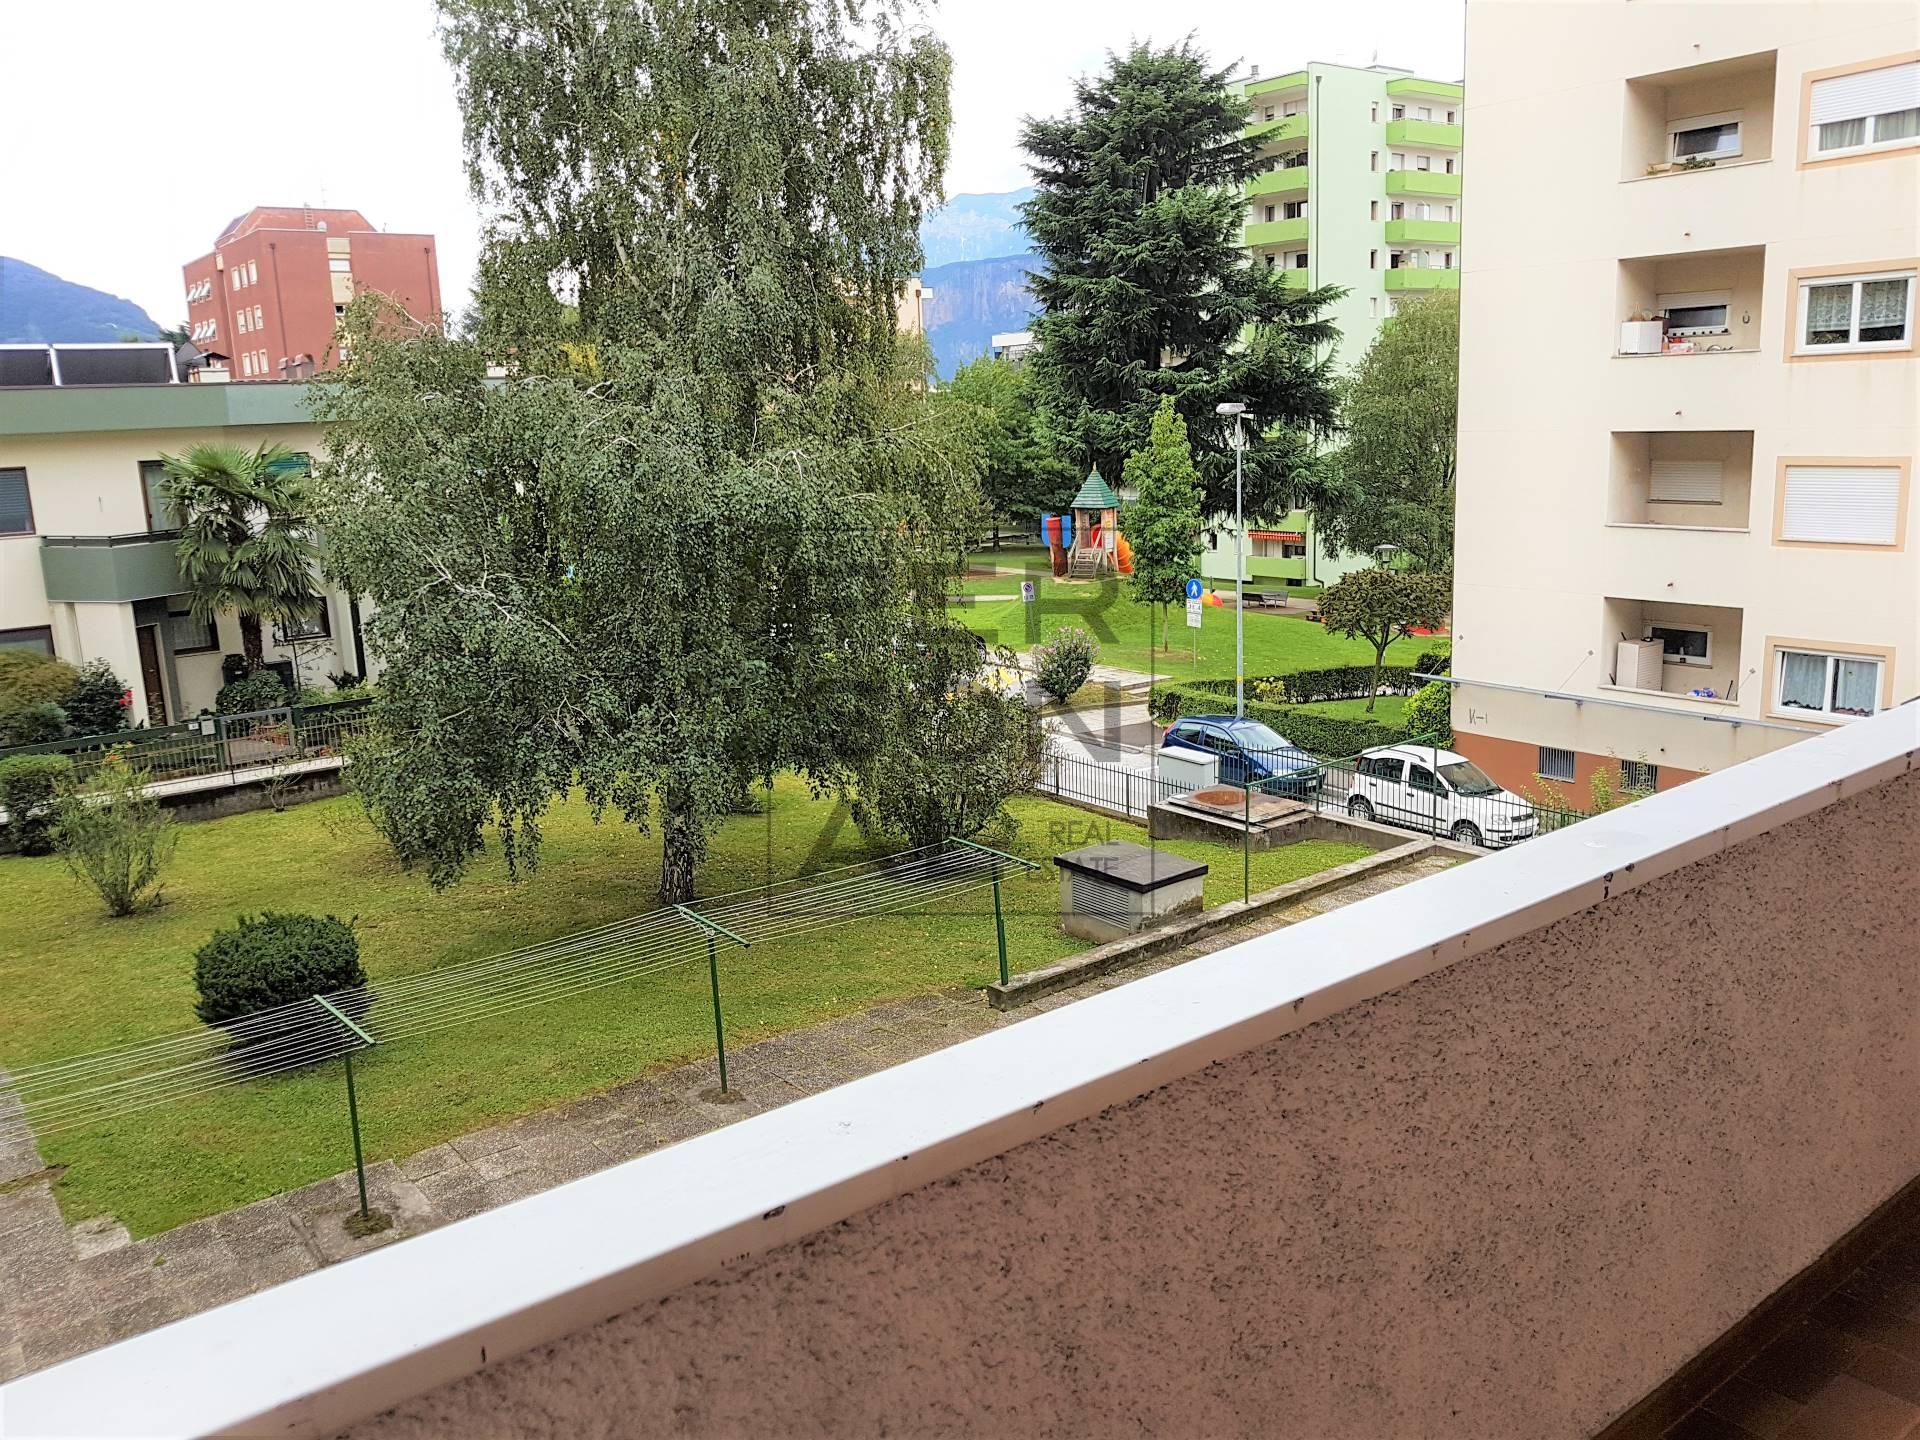 Appartamento in affitto a Laives, 3 locali, prezzo € 700 | CambioCasa.it